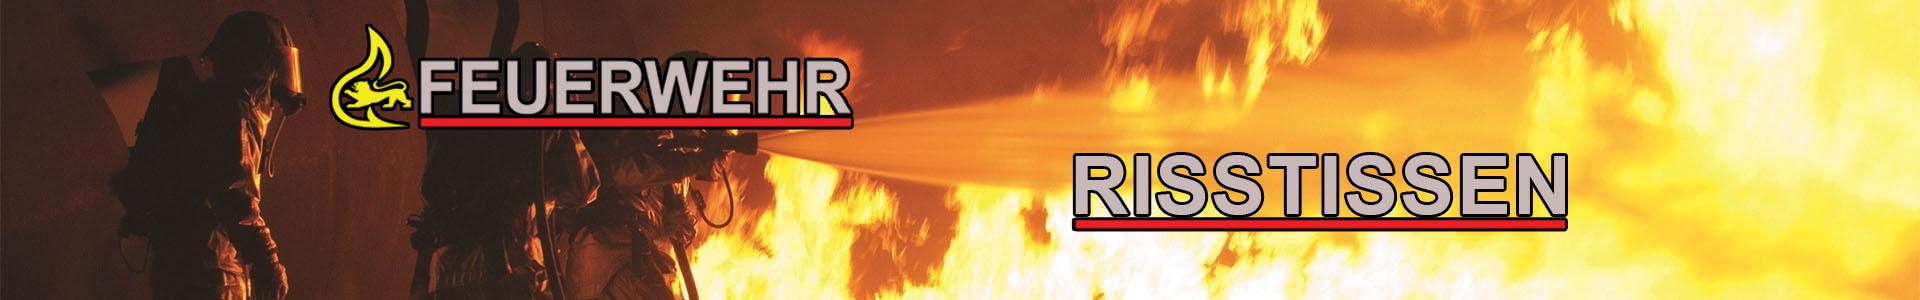 Headerbild Feuerwehr Rißtissen